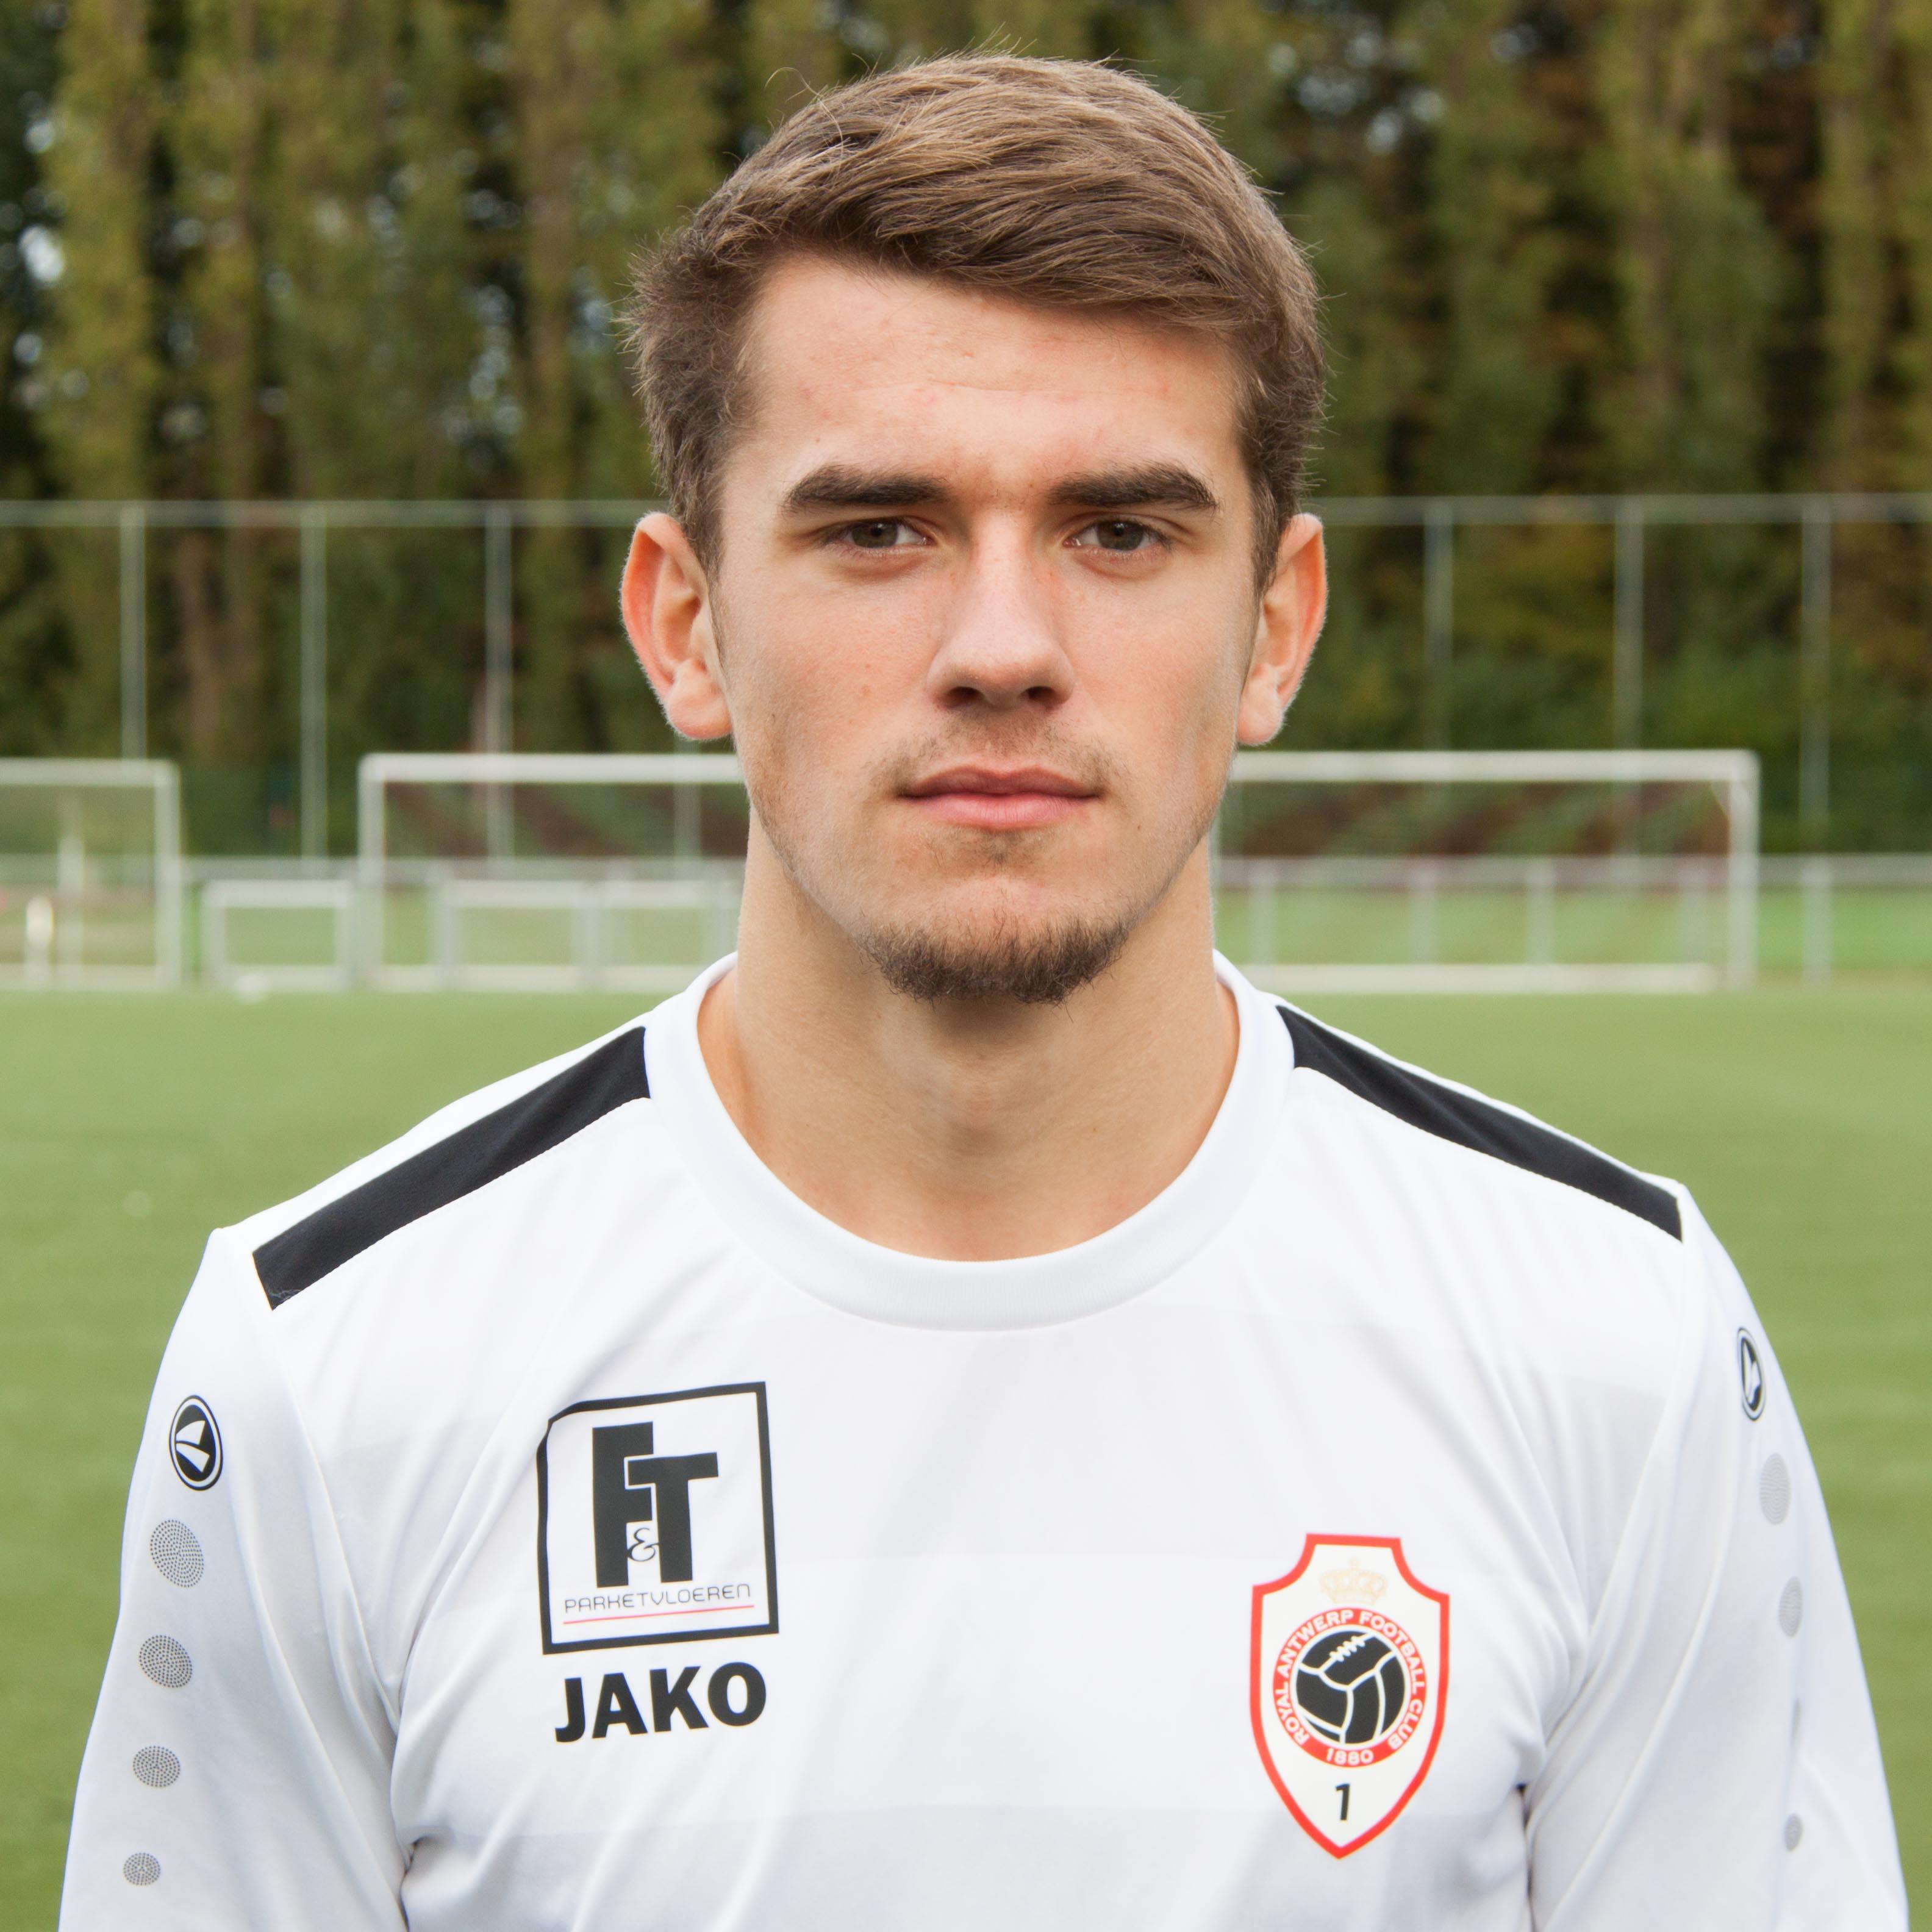 Dieter Vanhees